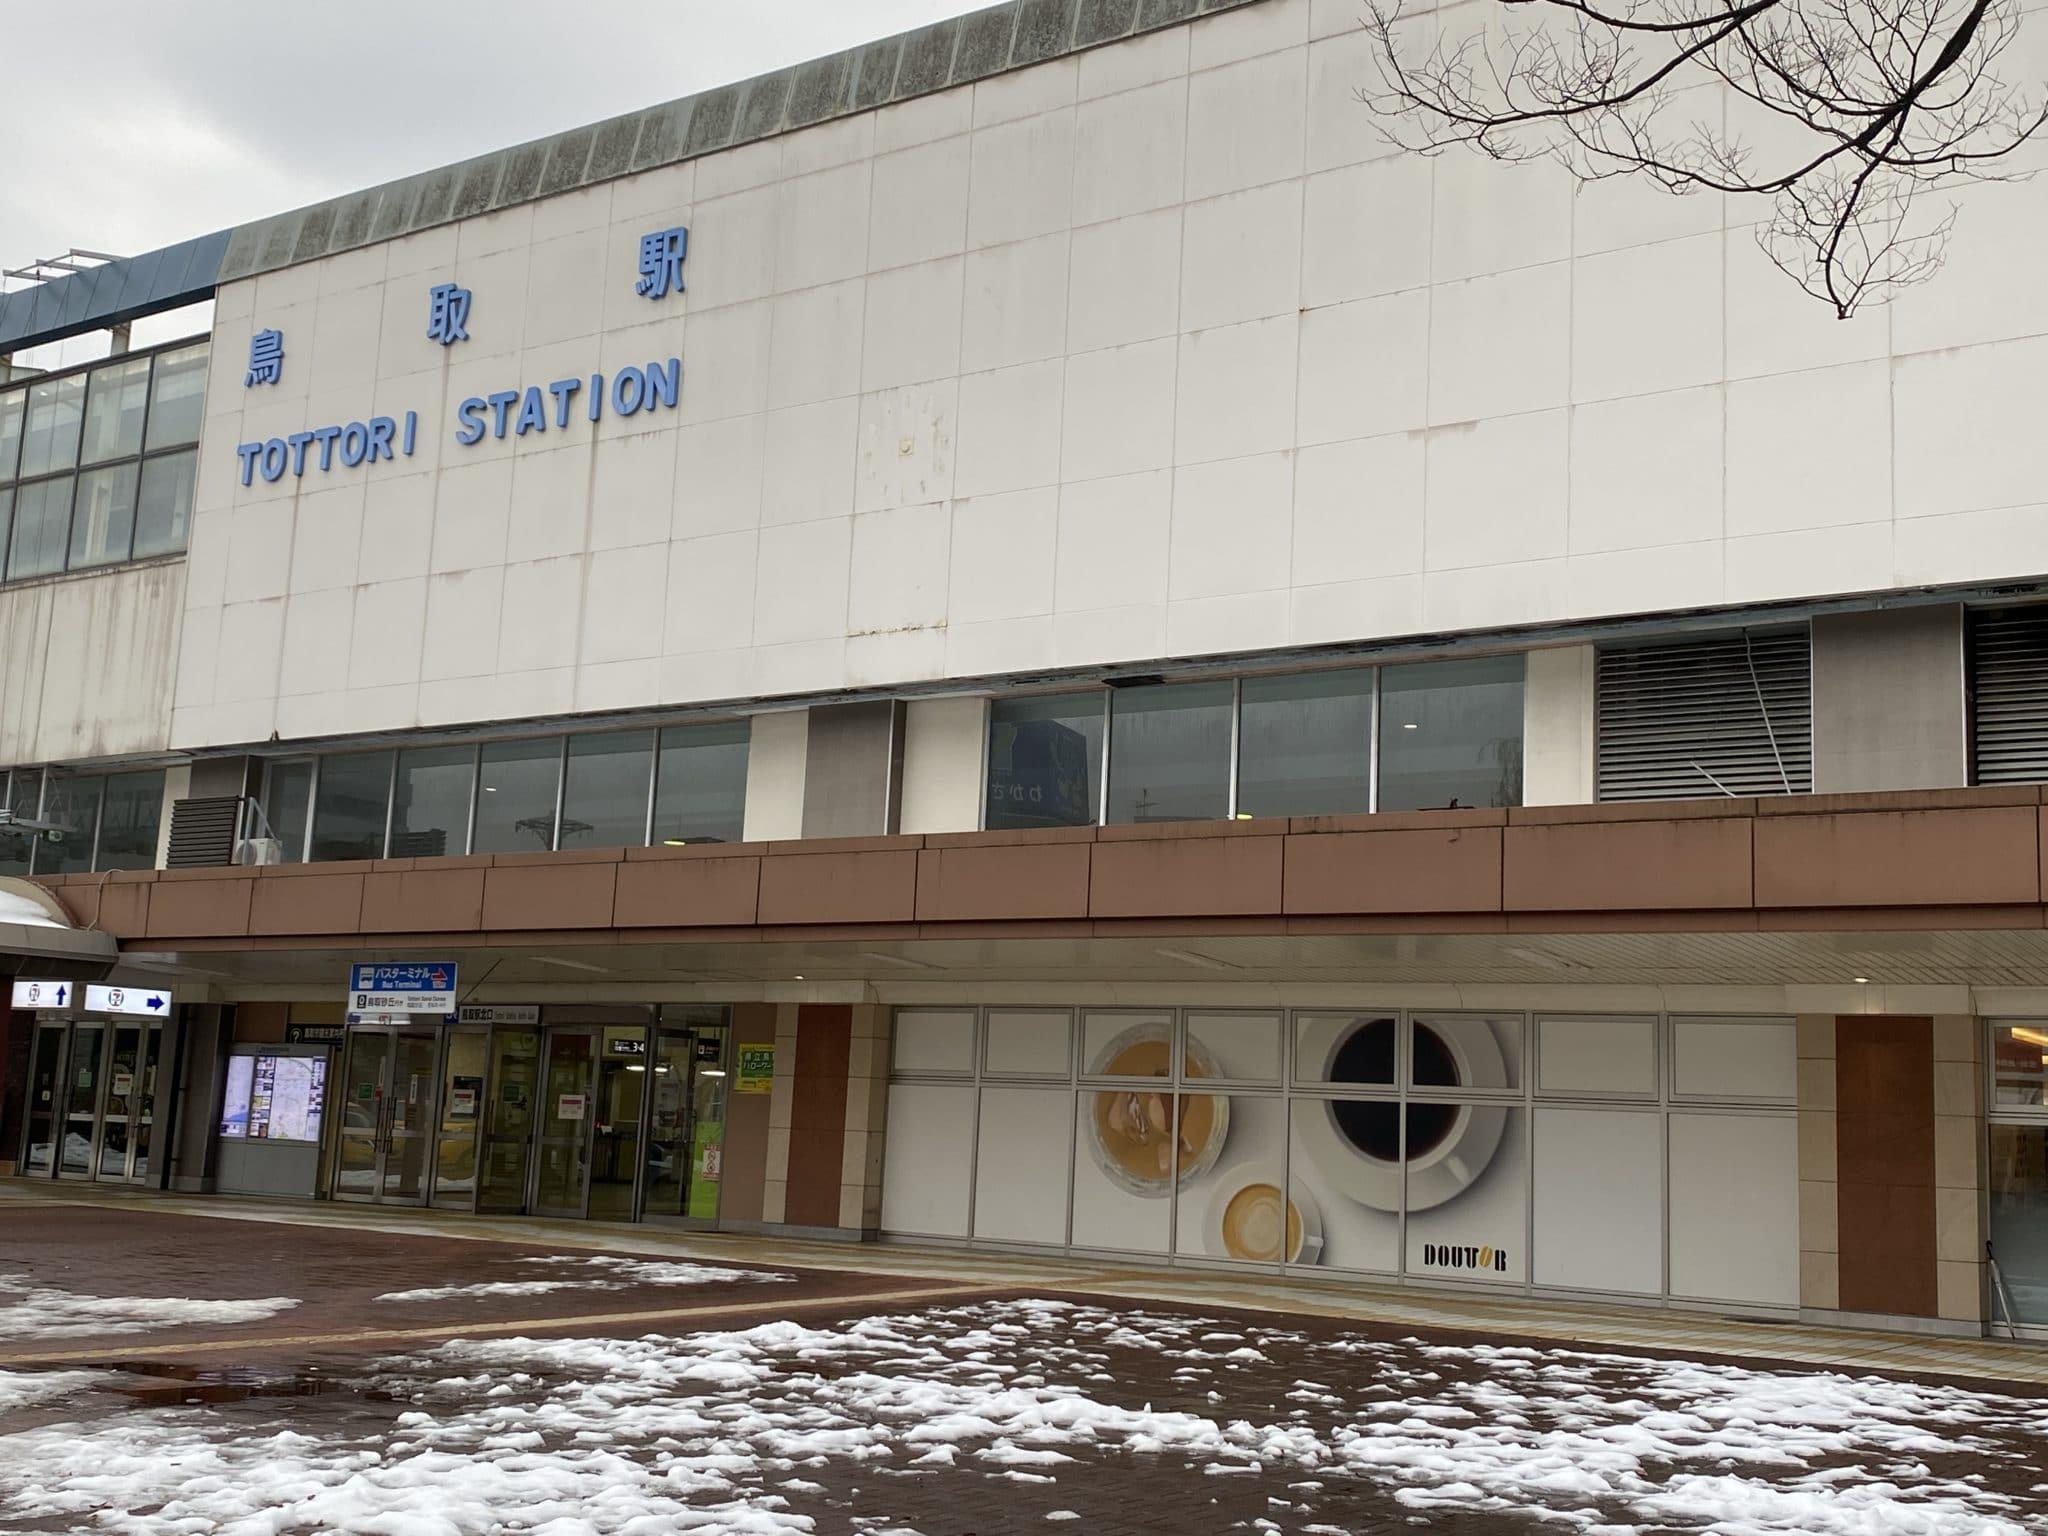 雪の残っているJR鳥取駅北口付近(12月24日撮影)